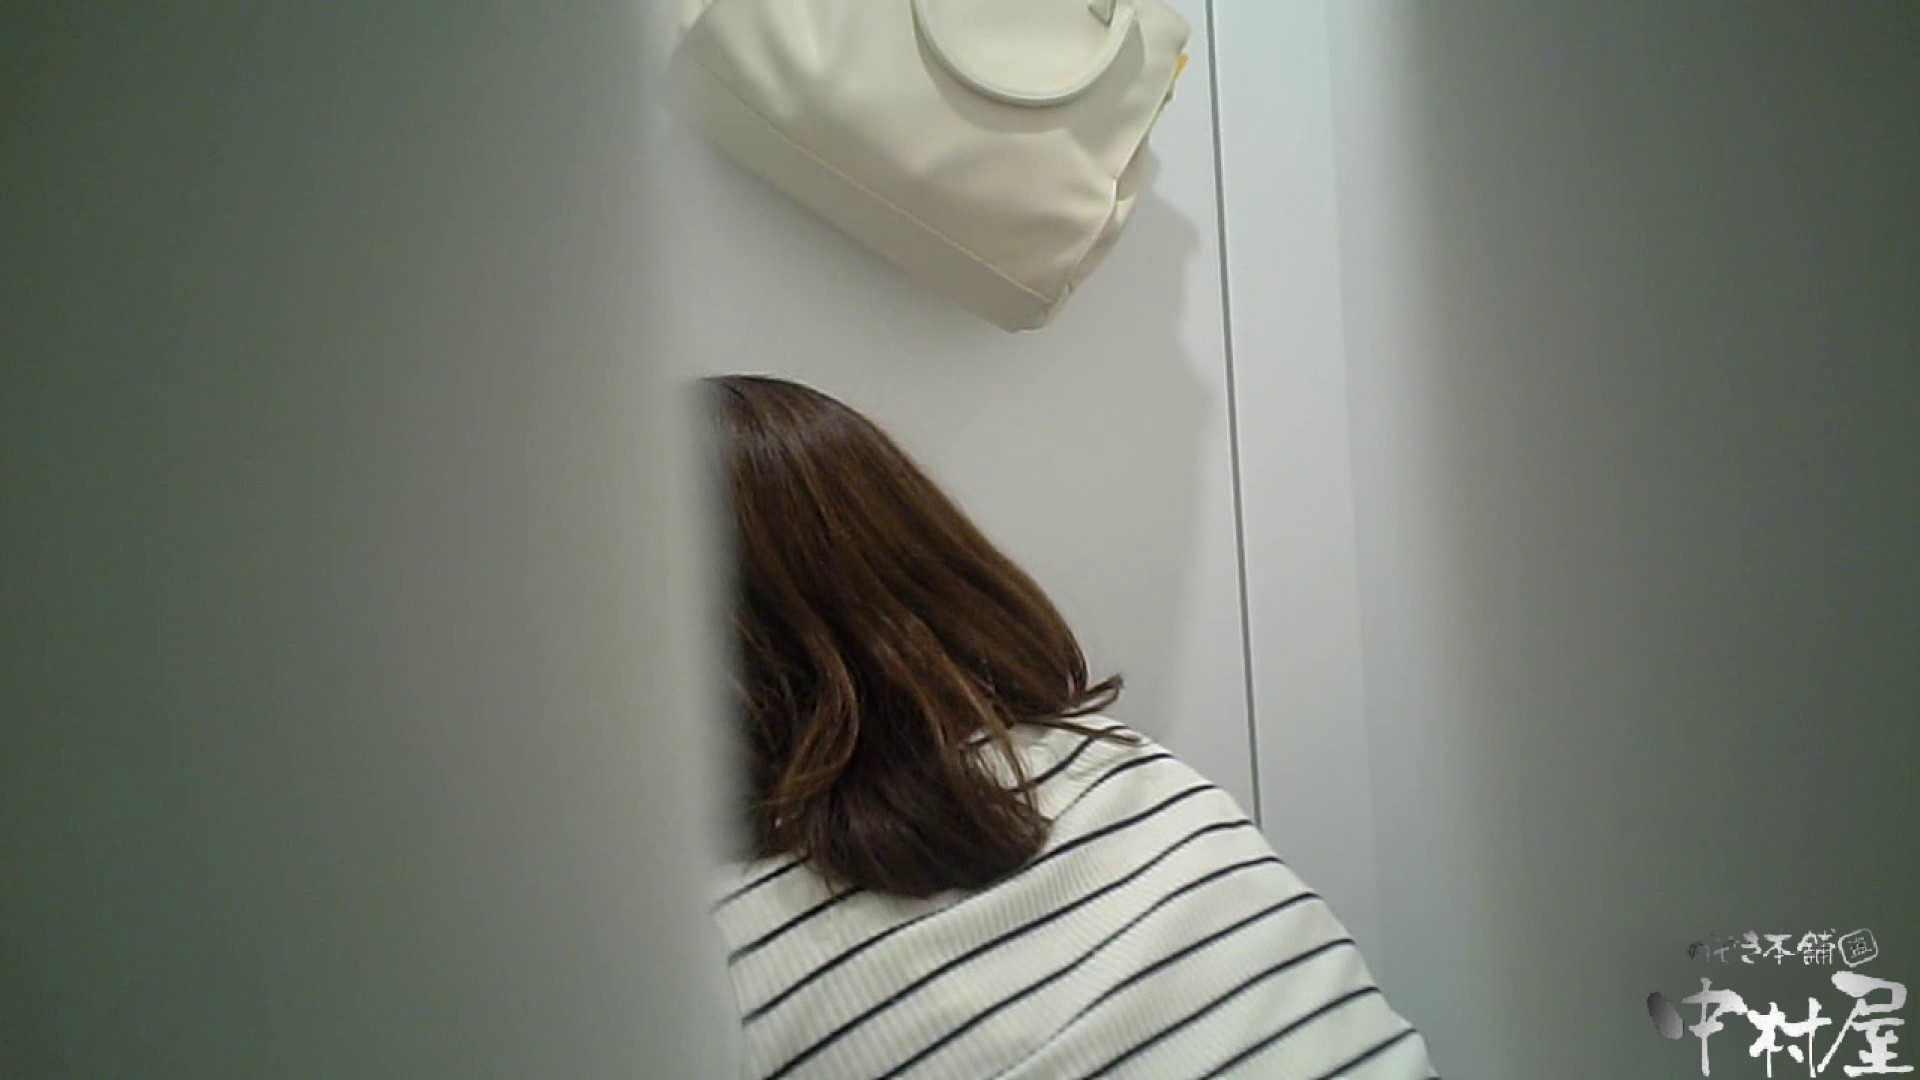 【某有名大学女性洗面所】有名大学女性洗面所 vol.37 ついでにアンダーヘアーの状態確認ですね。 OL  48連発 2